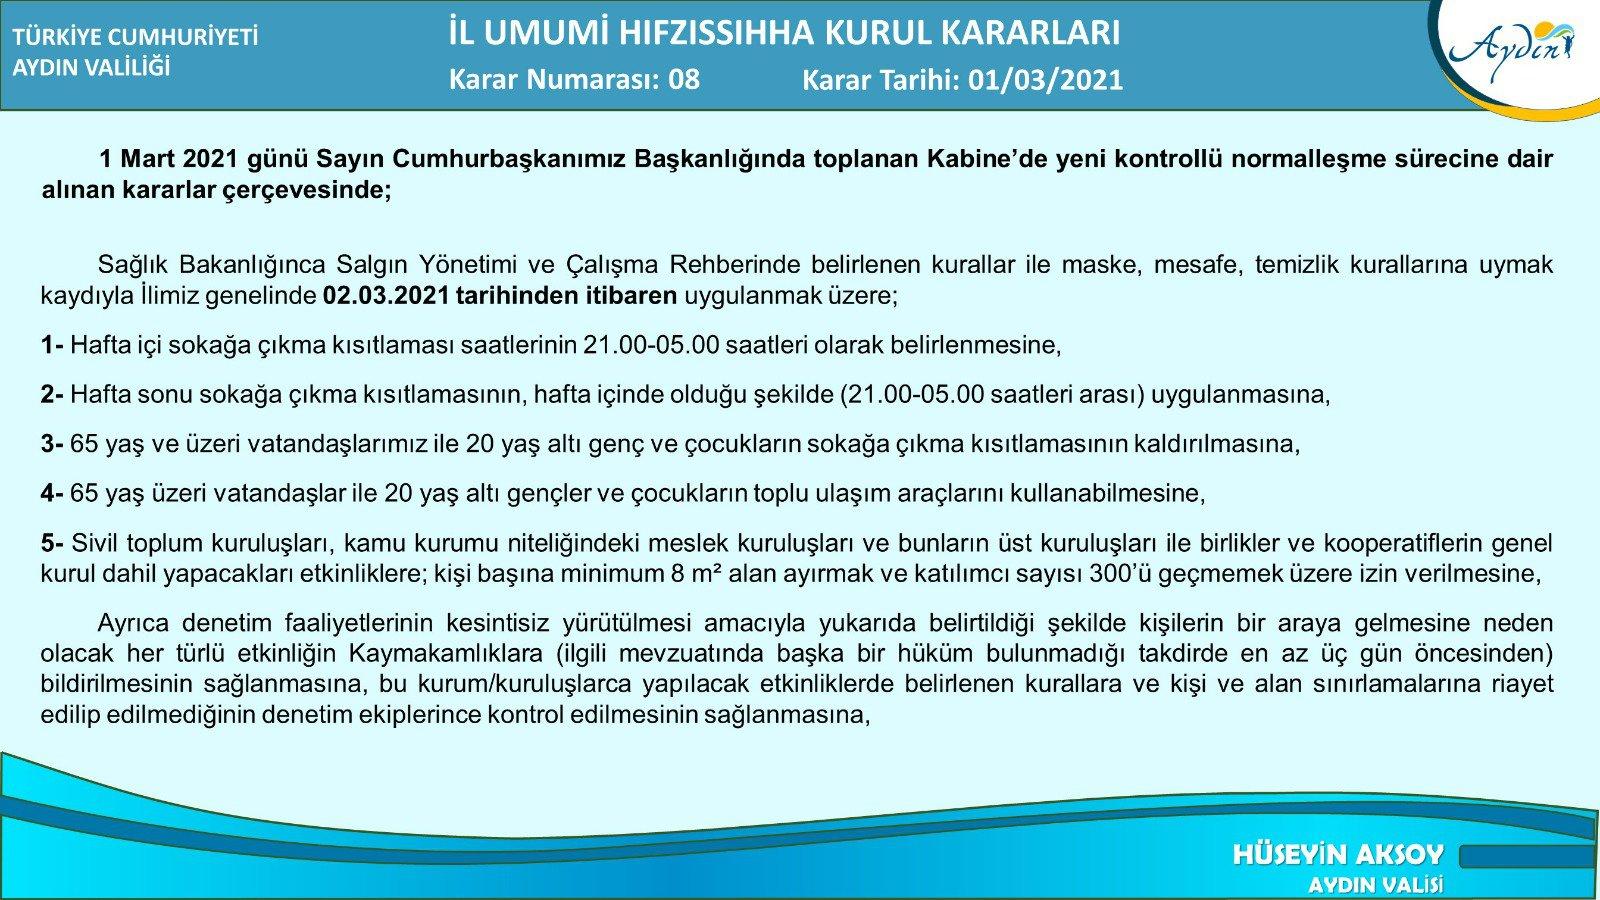 T.C. İçişleri Bakanlığı'nca 02.03.2021 tarihinde yayınlanan genelge kapsamında Aydın İl Umumi Hıfzısıhha Kurulu Kararları